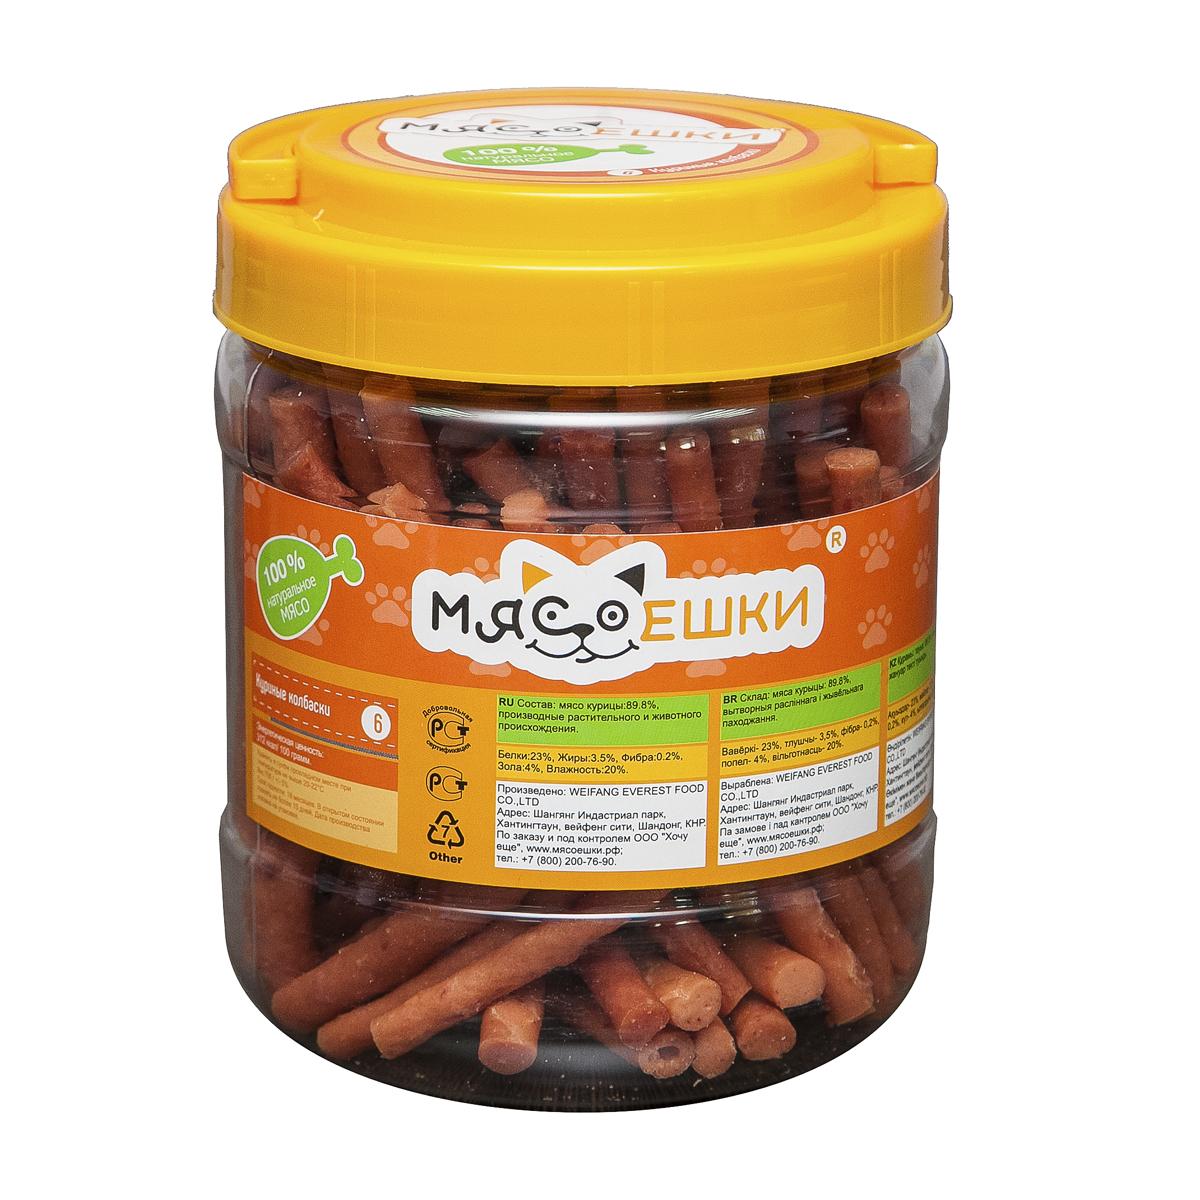 Лакомство для собак Мясоешки Куриные колбаски, 700 г46634Для собак в повседневном питании нужен вкусный, но сбалансированный полезный корм, который обеспечит им получение всех жизненно важных питательных веществ.Изменение энергетических потребностей питомцев происходит в зависимости от возраста: баланс витаминов, протеинов и минералов имеет свои особенности, которые обязательно надо учитывать при выборе корма. Идеальным с этой точки зрения является сбалансированный лакомство Мясоешки, который разрабатывался для данной группы домашних любимцев. Состав: мясо курицы 89,8%, производные растительного и животного происхождения. Анализ: белки-23%, жиры-3,5%, фибра-0,2%, зола-4%, влажность-20%.Калорийность: 312 ккал/100грамм. Товар сертифицирован.